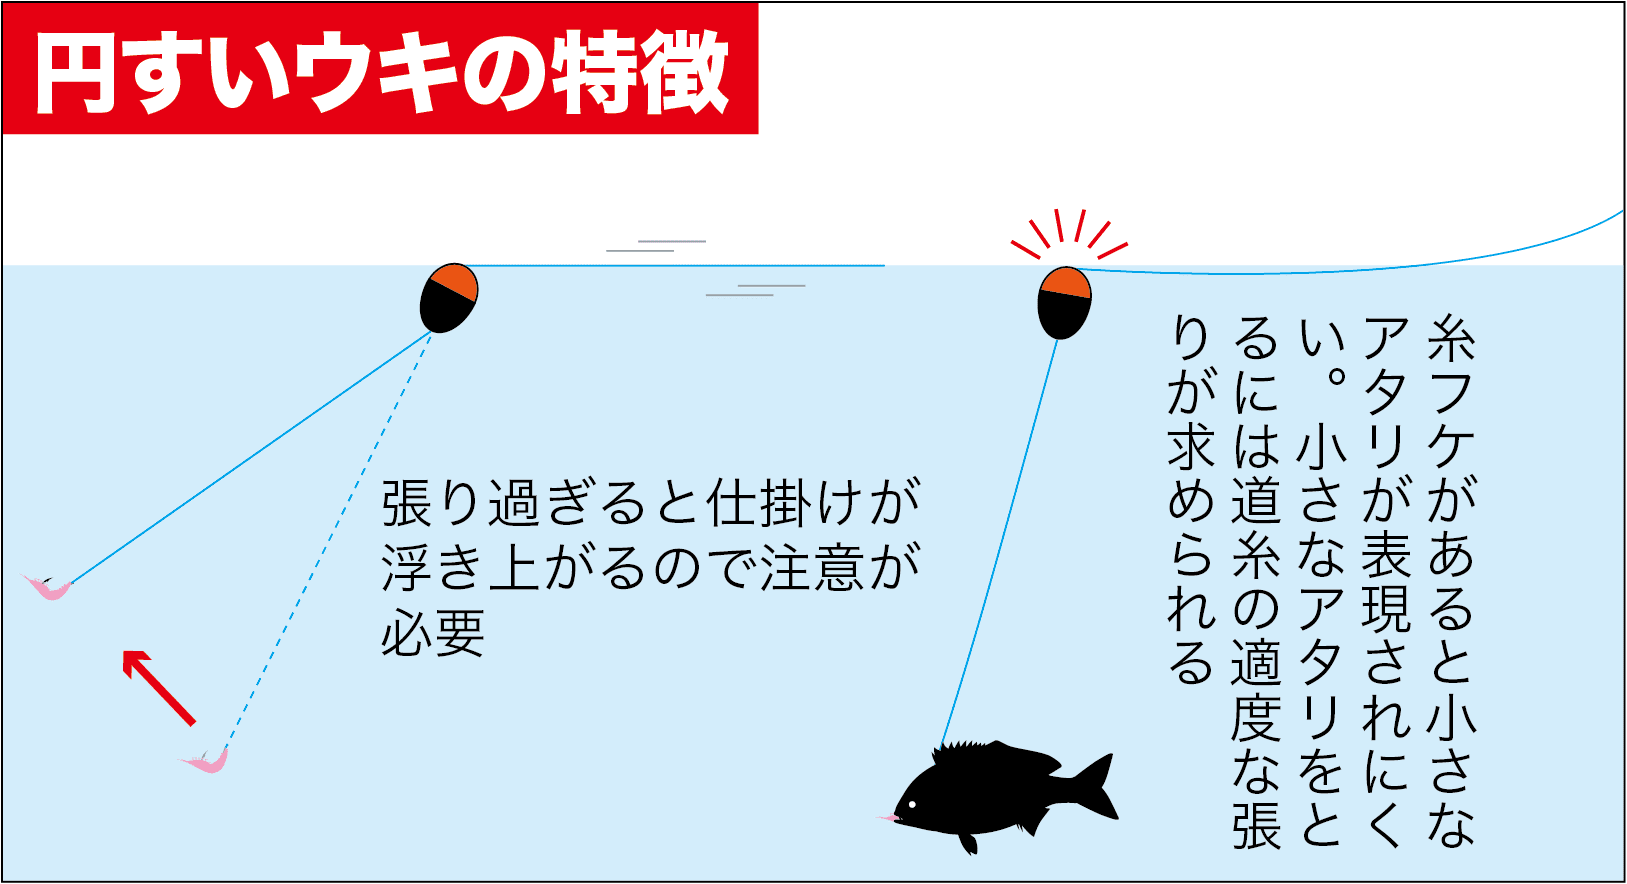 QAフカセ円すいウキ利点6